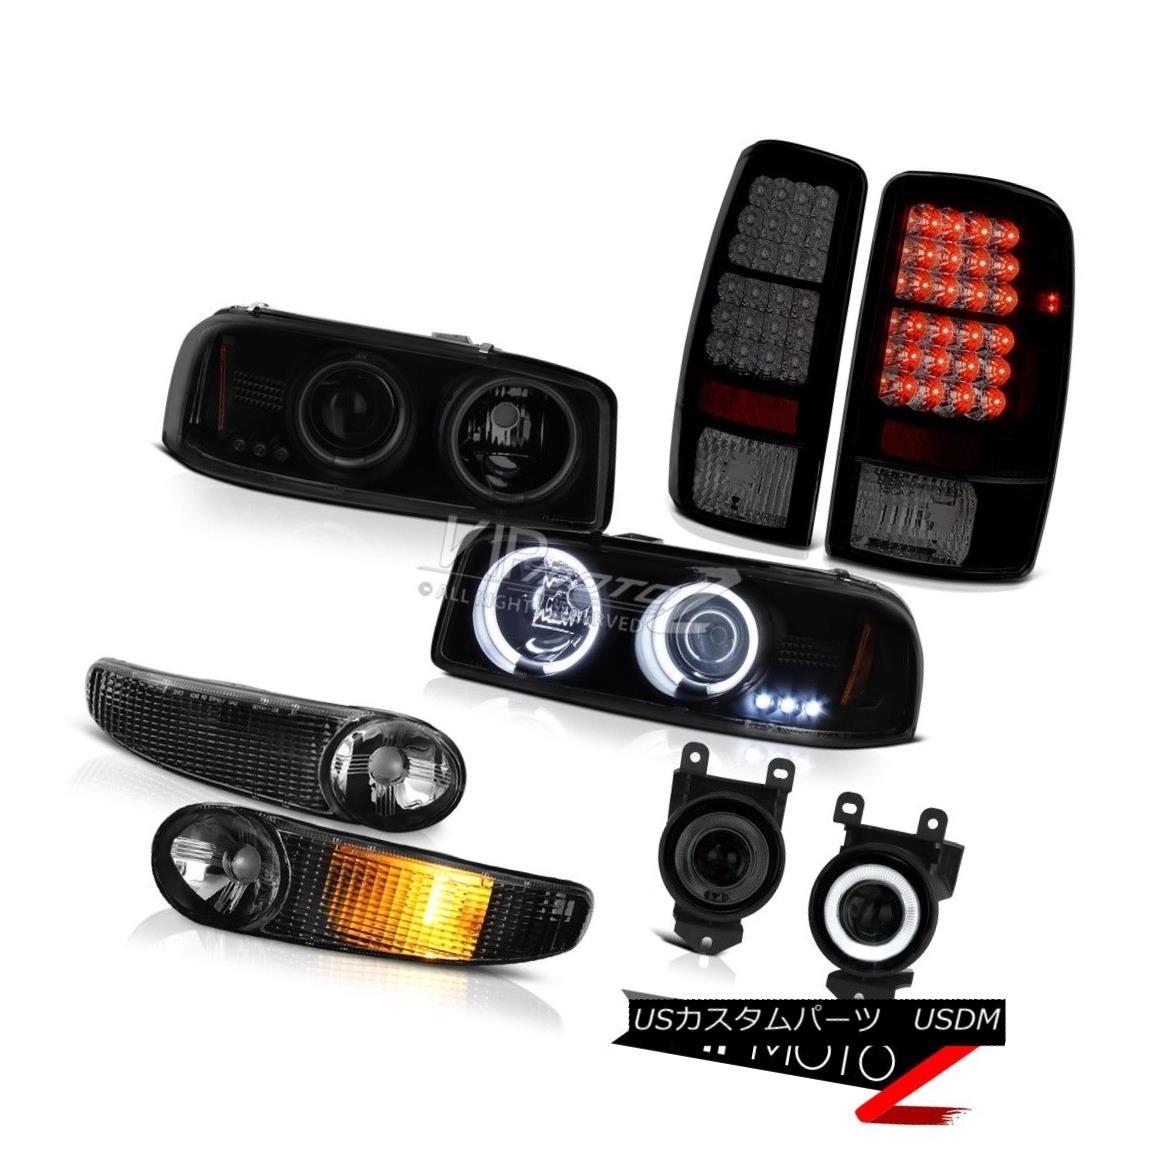 ヘッドライト Bumper LED Tail Light Fog 01 02 03 04 05 06 GMC Denali CCFL Halo DRL Headlamp バンパーLEDテールライトフォグ01 02 03 04 05 06 GMCデナリCCFLハローDRLヘッドランプ